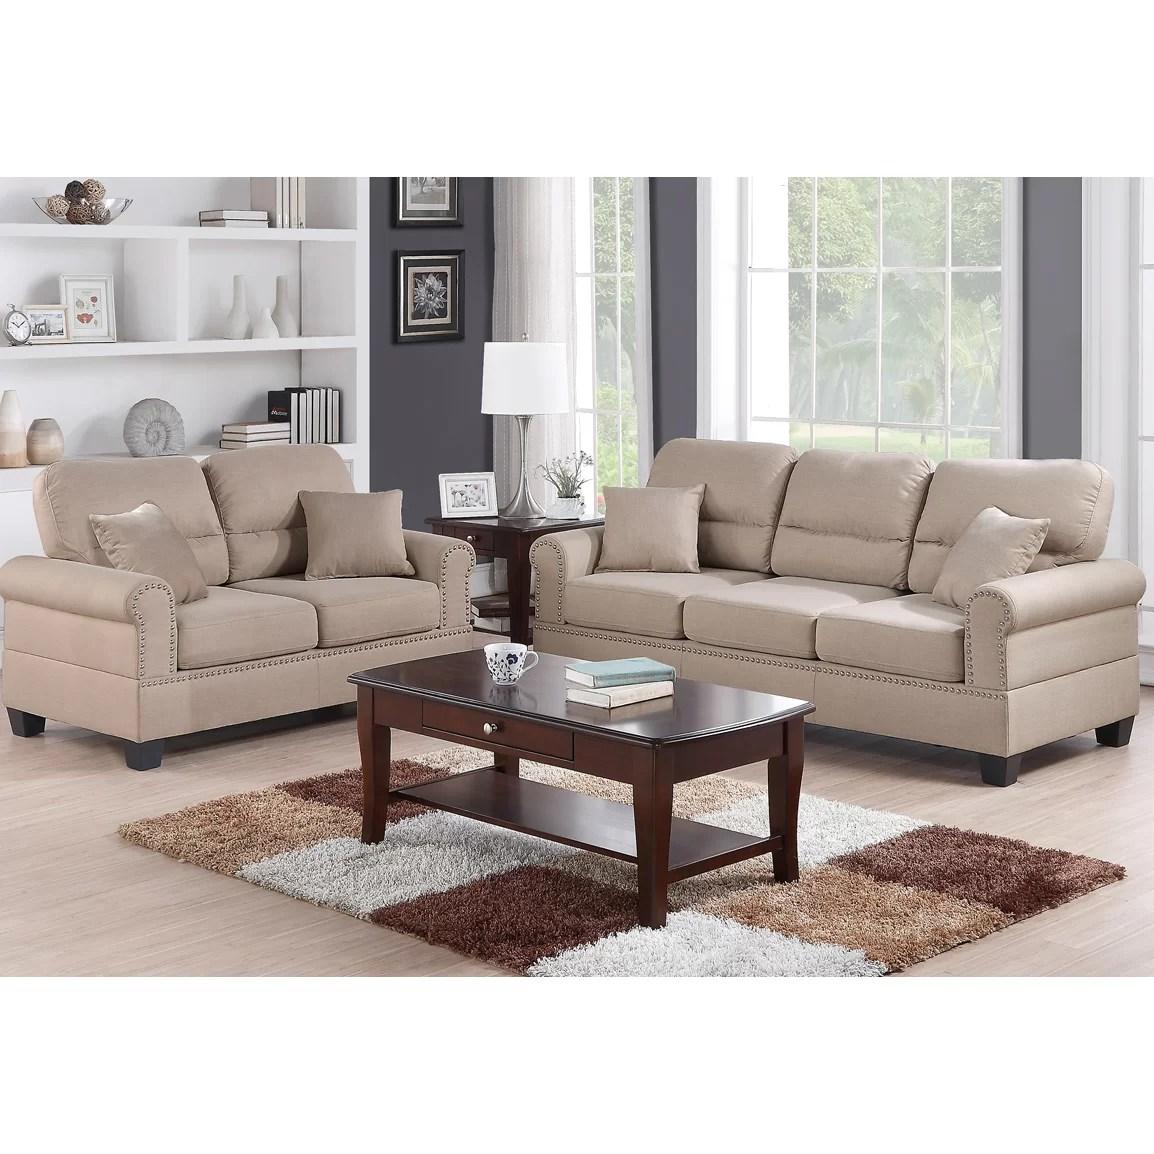 bobkona sectional sofa embly instructions orange sofas canada poundex shelton and loveseat set reviews